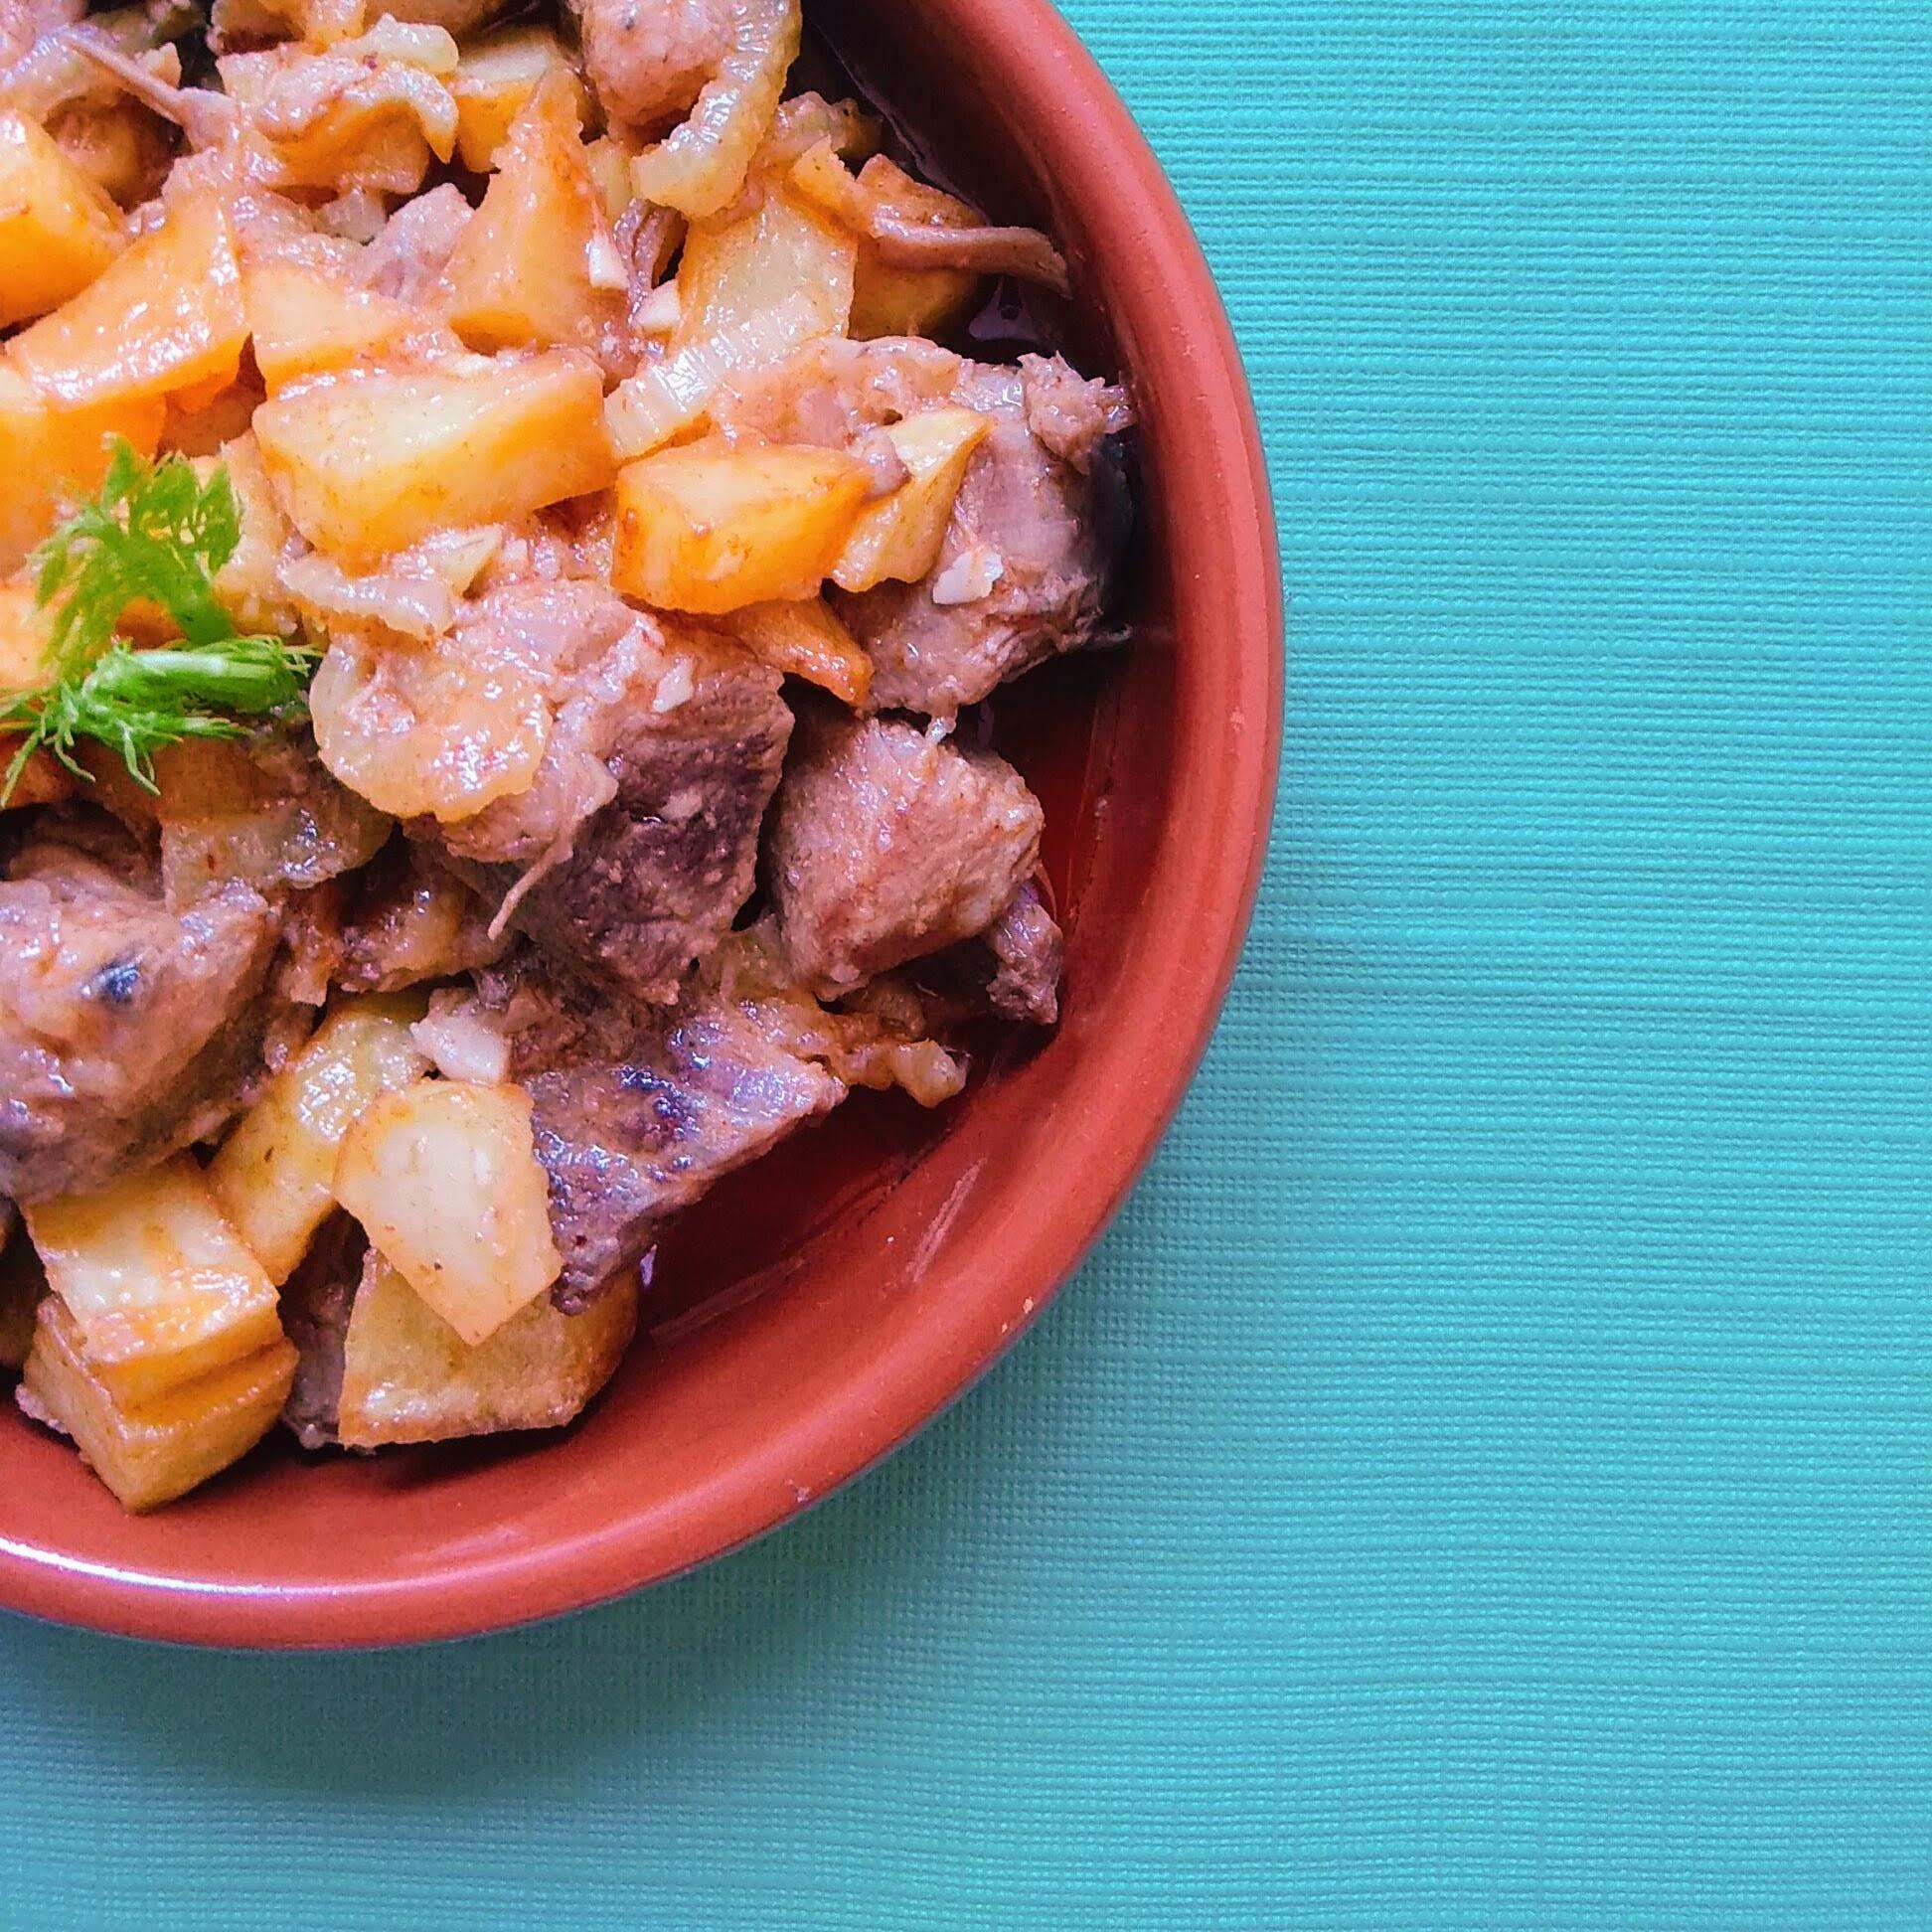 Receta de guiso de carne con hinojo y patatas. Descúbrela en: www.cocinandoconlola.com